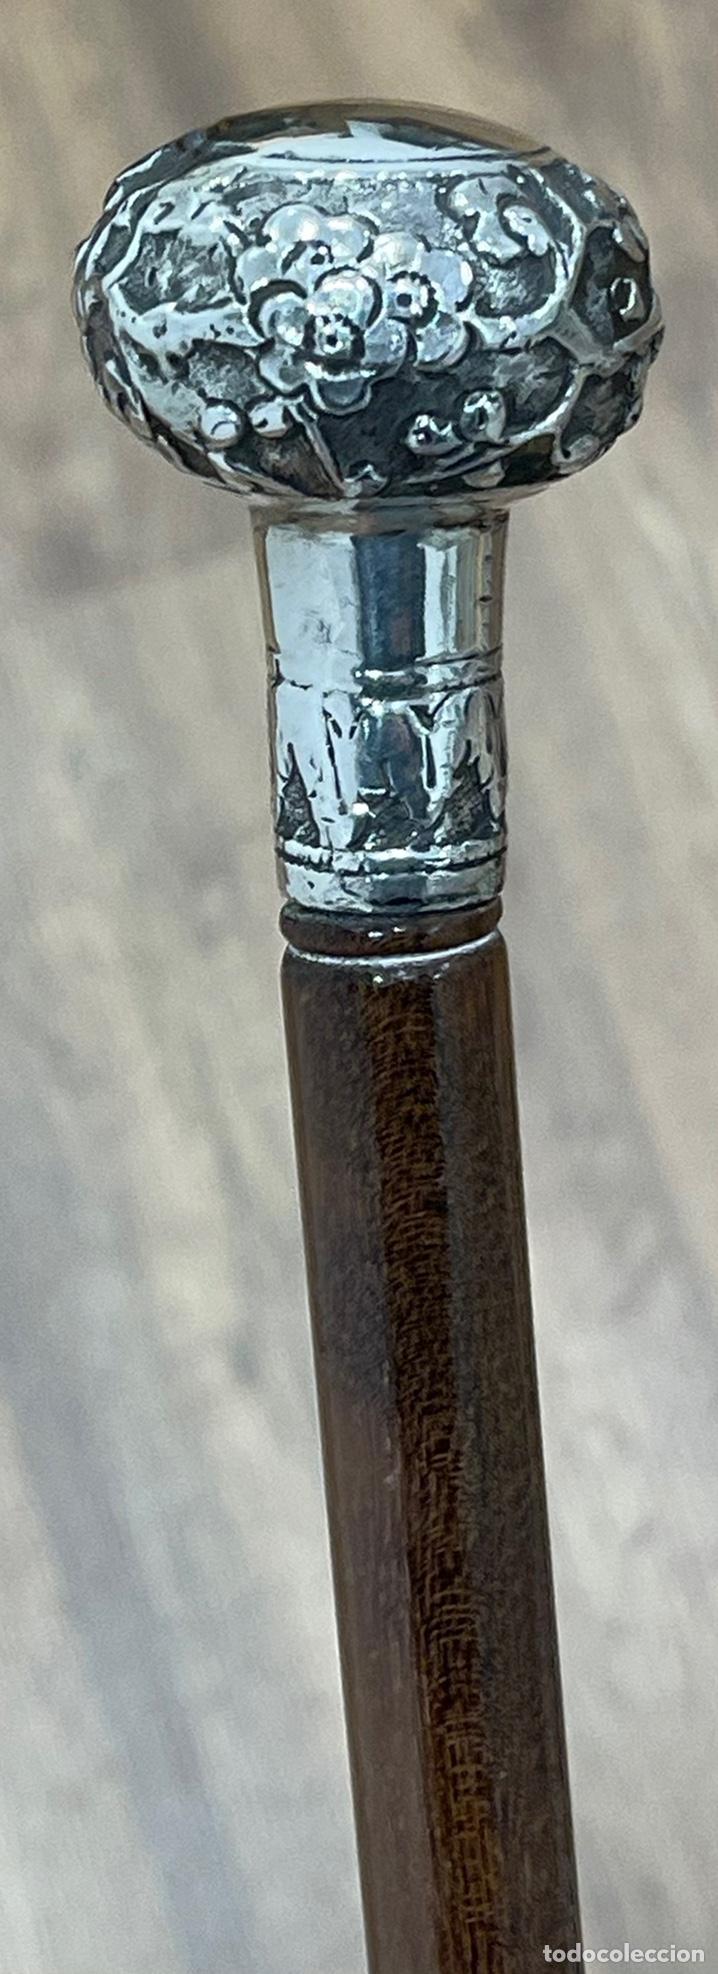 Antigüedades: Antiguo bastón con mango de plata de ley, y vara en madera noble. Finales S.XIX - Foto 8 - 248993780